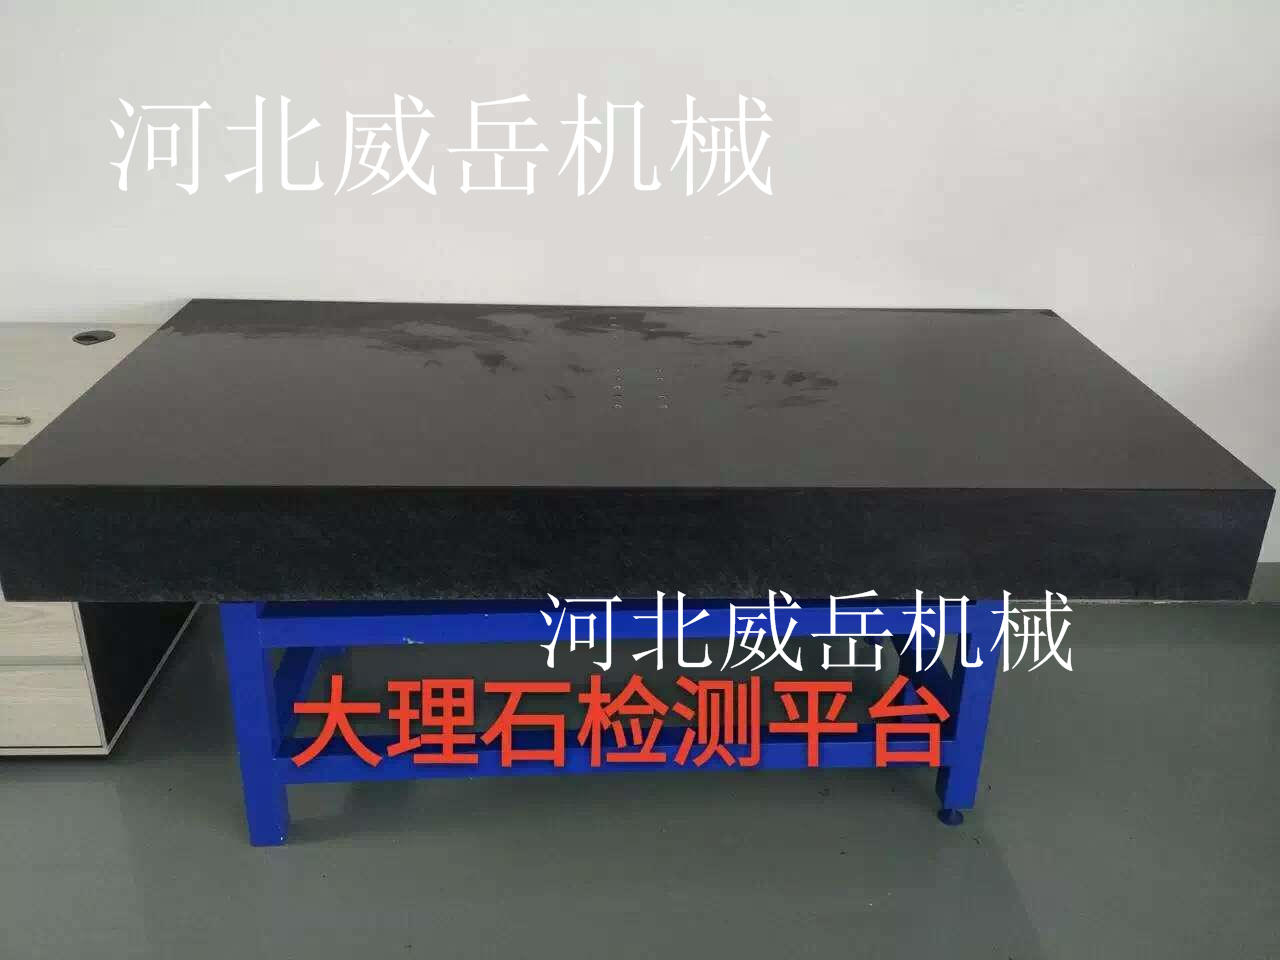 厂家直销大理石平台质量可靠可附图纸